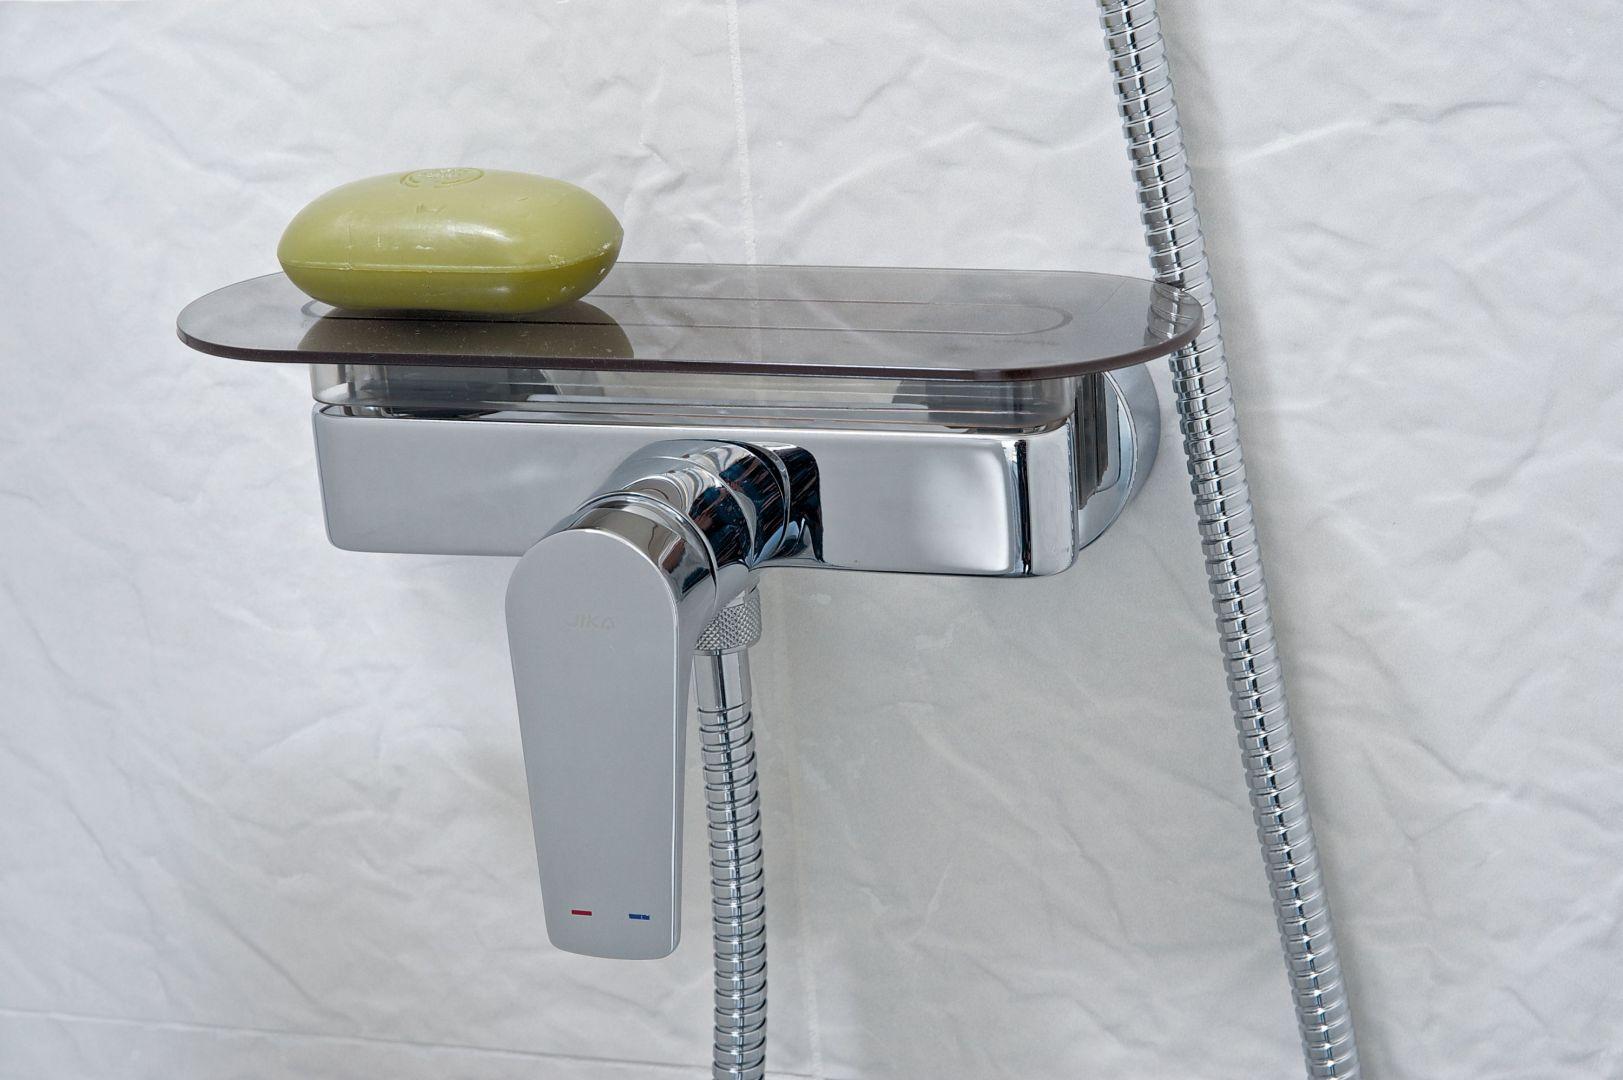 Sprchové hadice a tyče 1